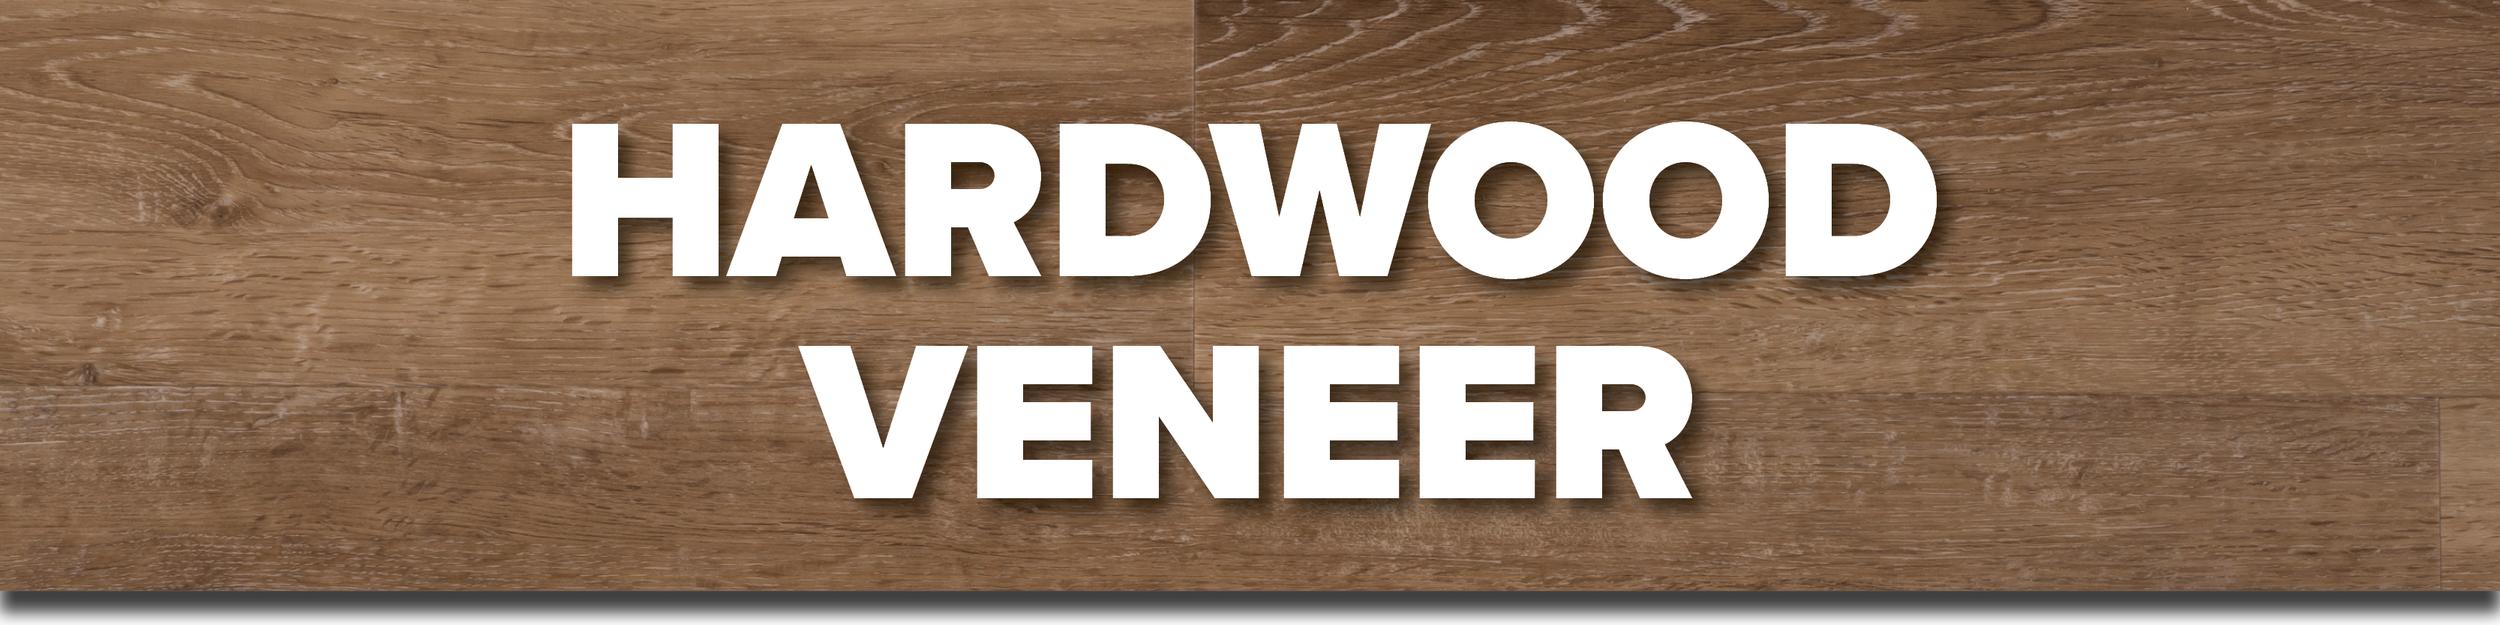 Hardwood Veneer.png